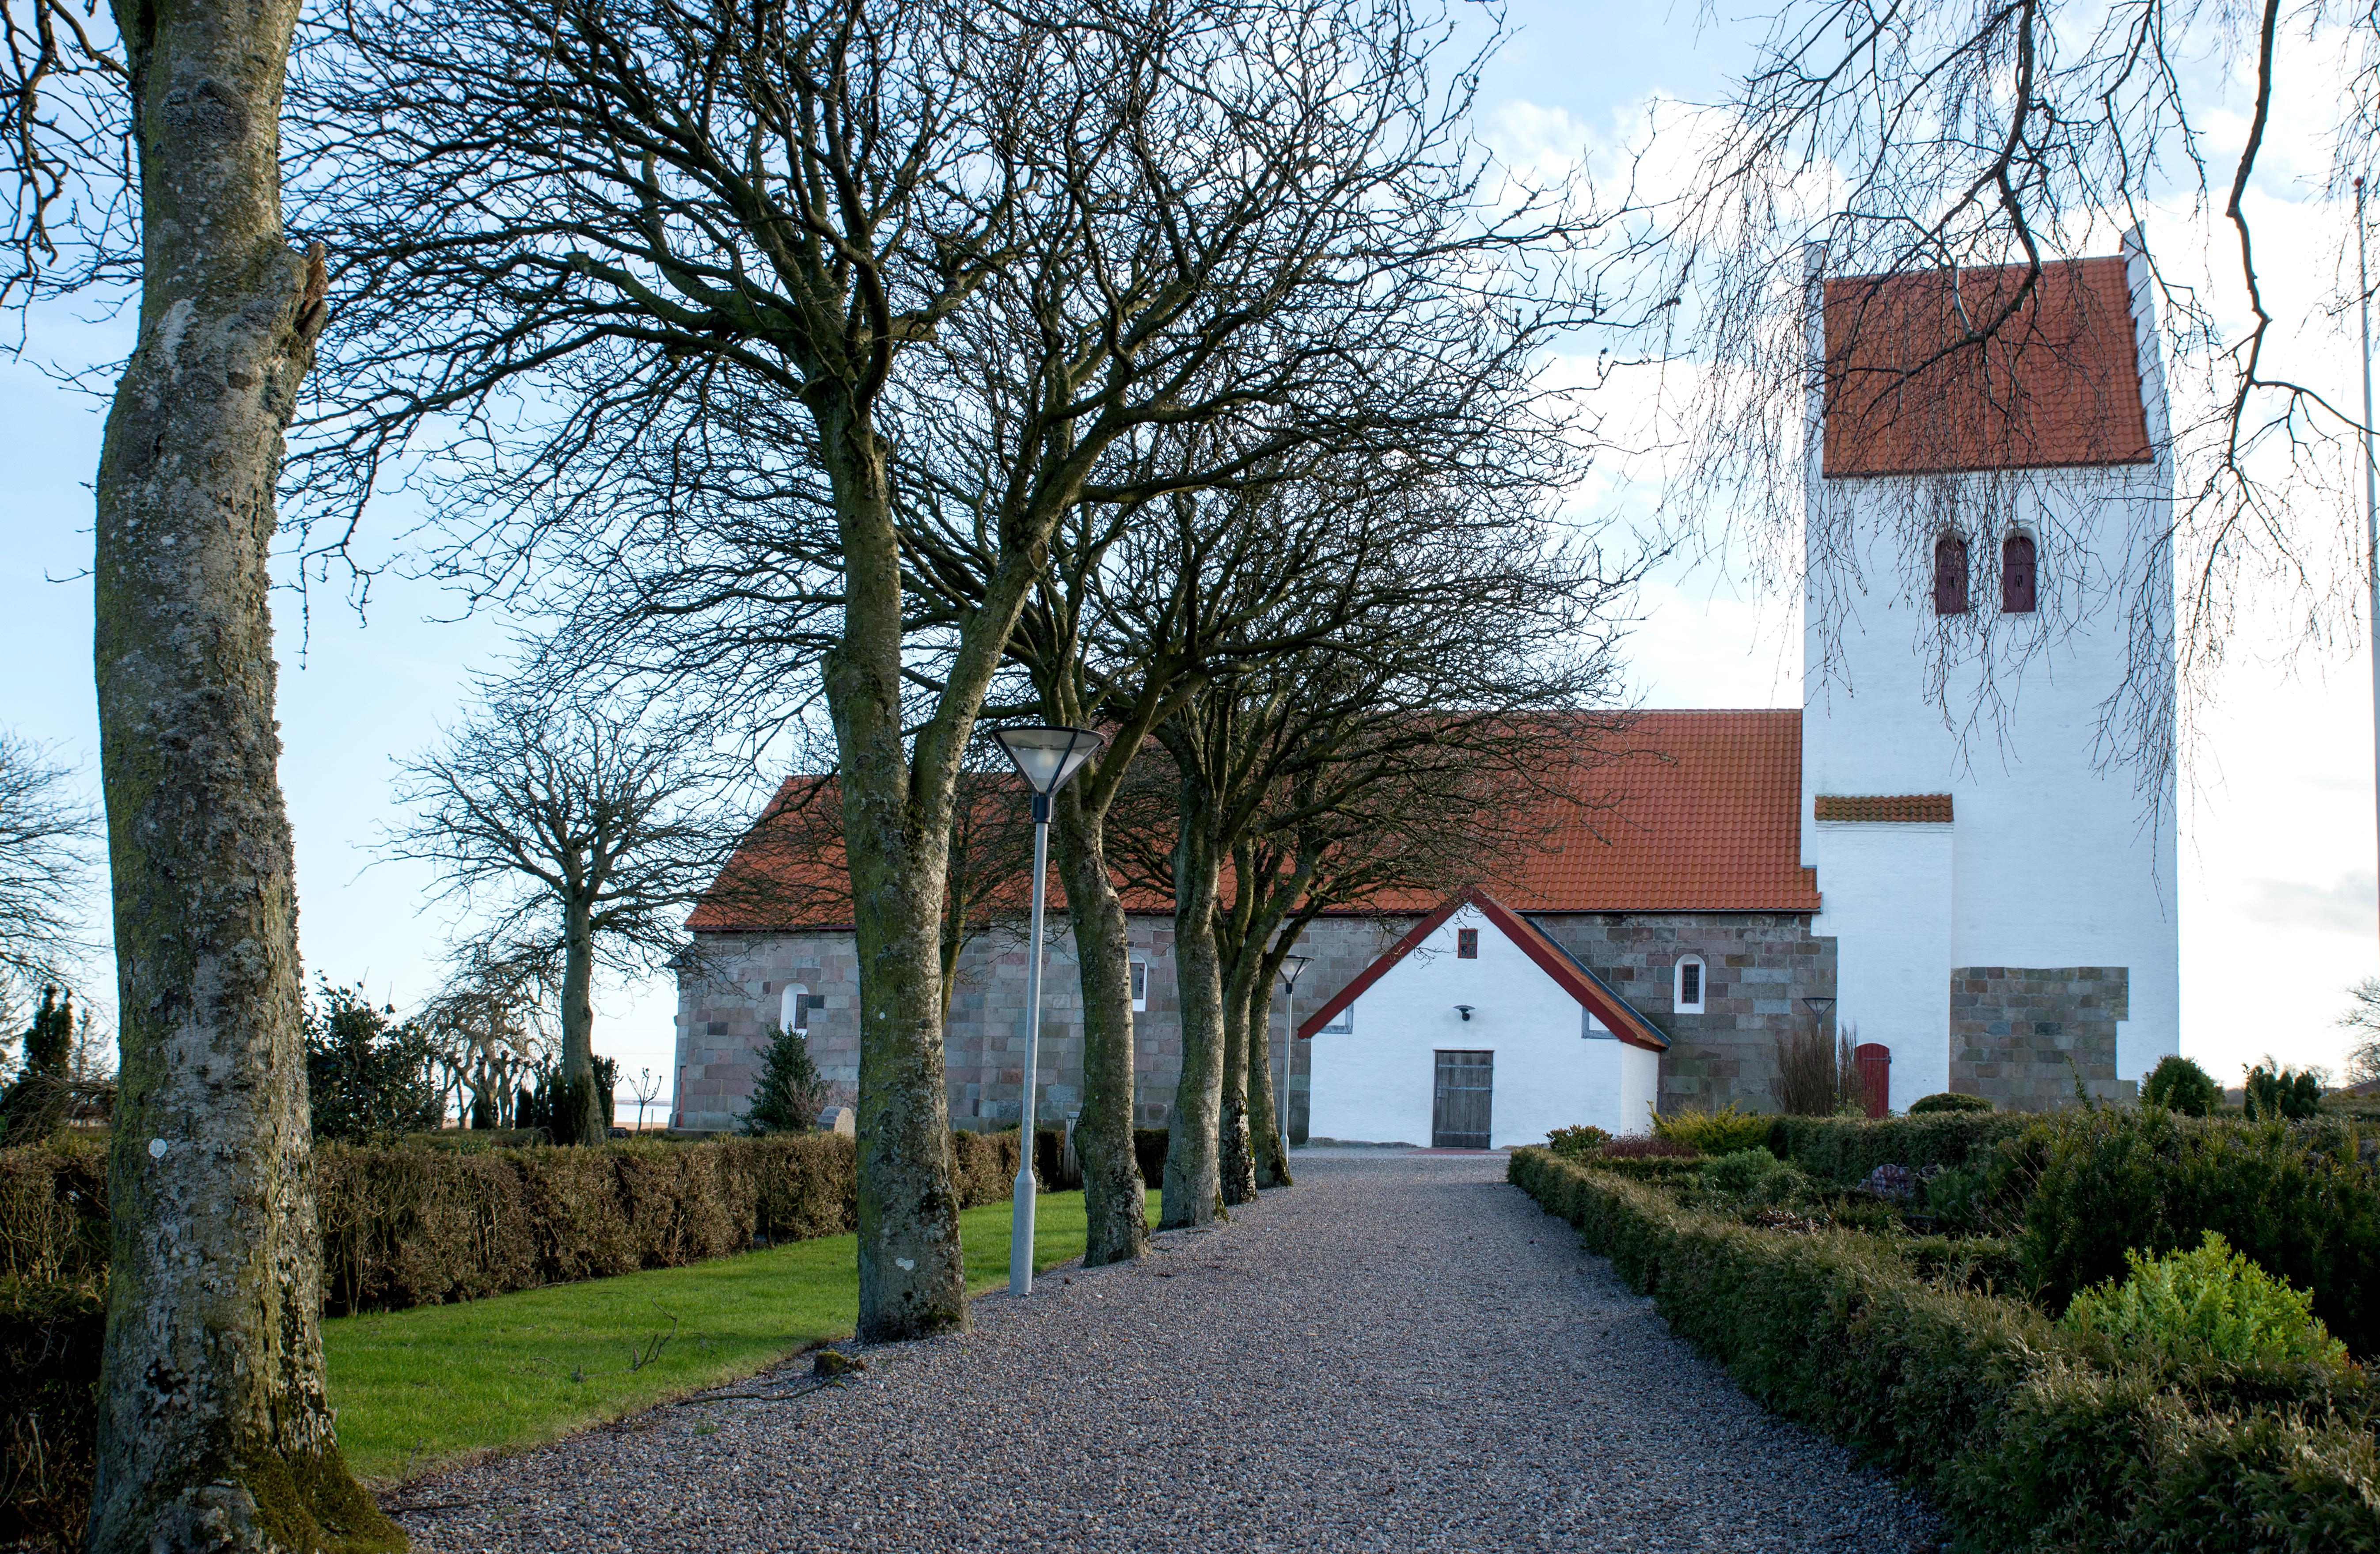 Tømmerby Kirke